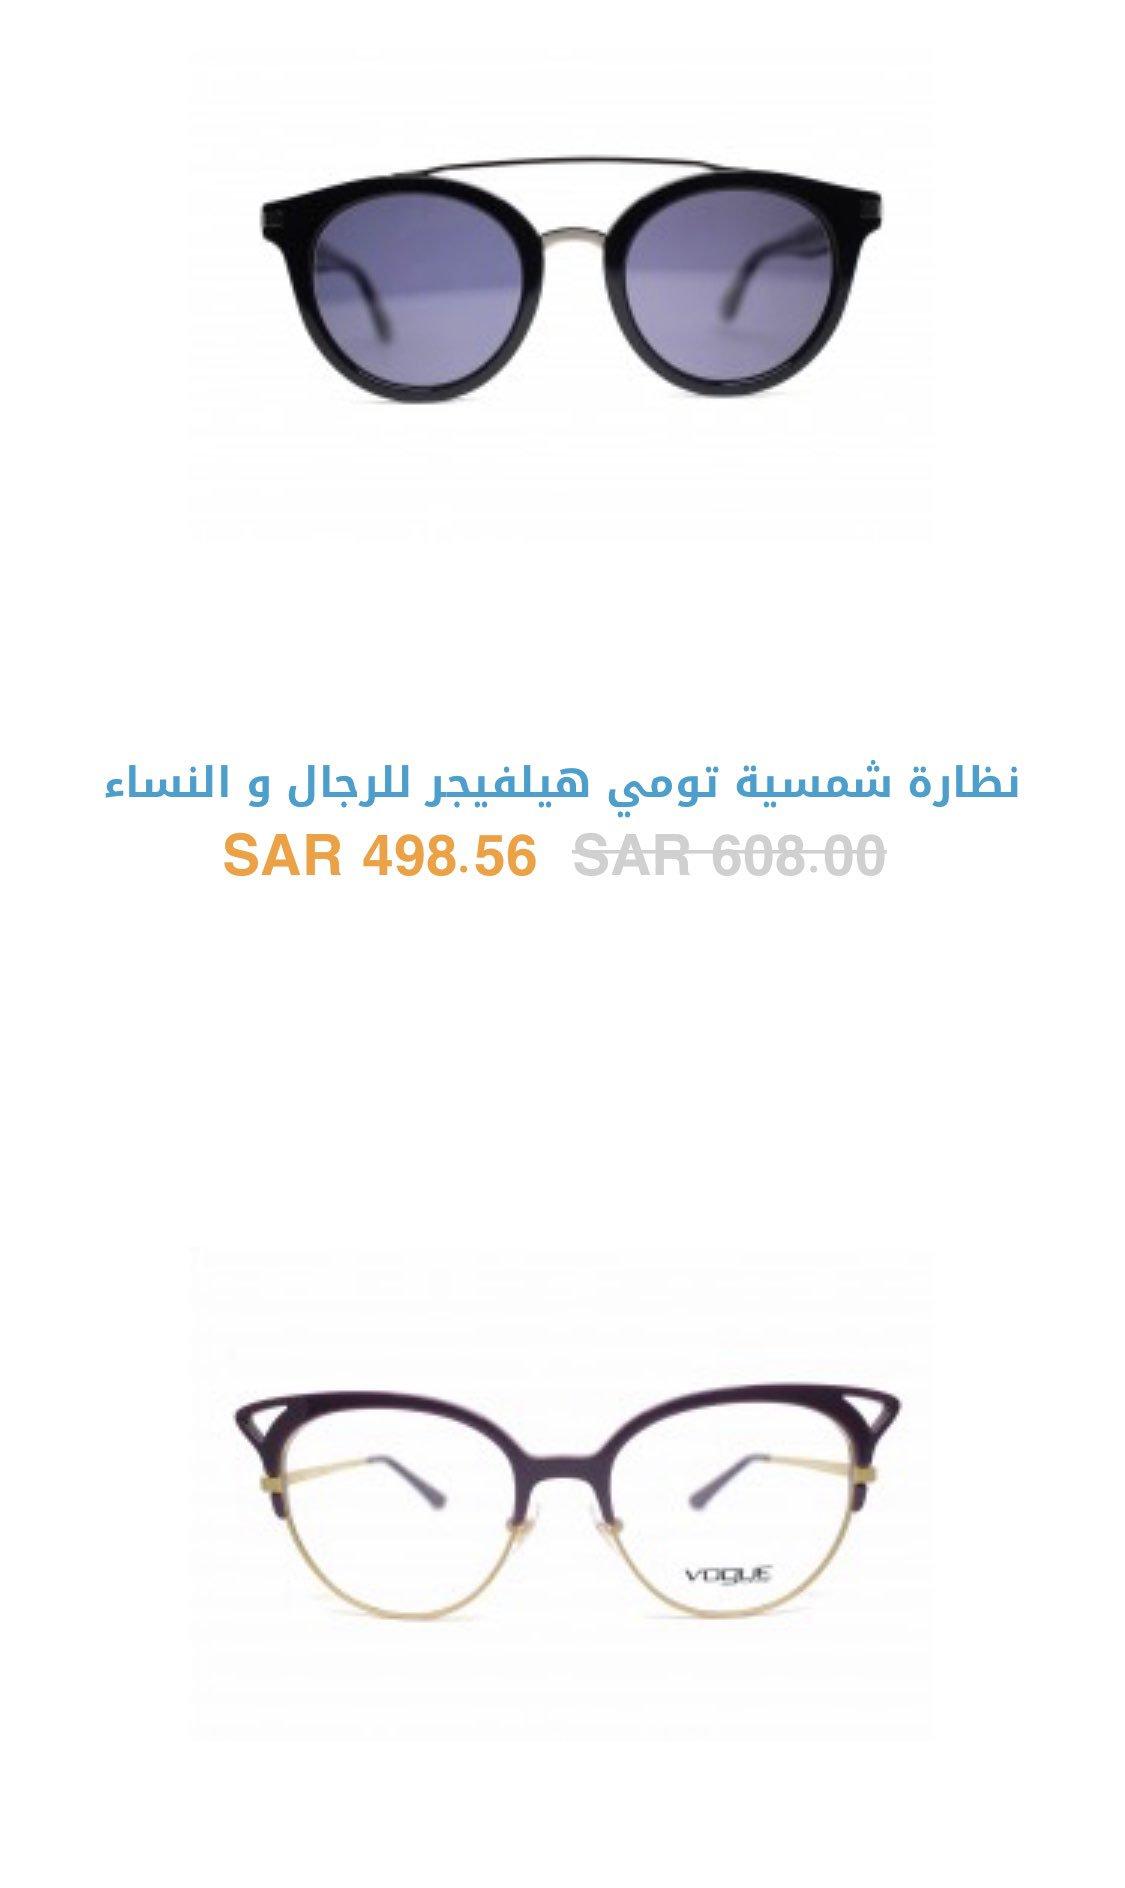 الحوار حضارة مزدوج موقع نظارات وعدسات Ballermann 6 Org